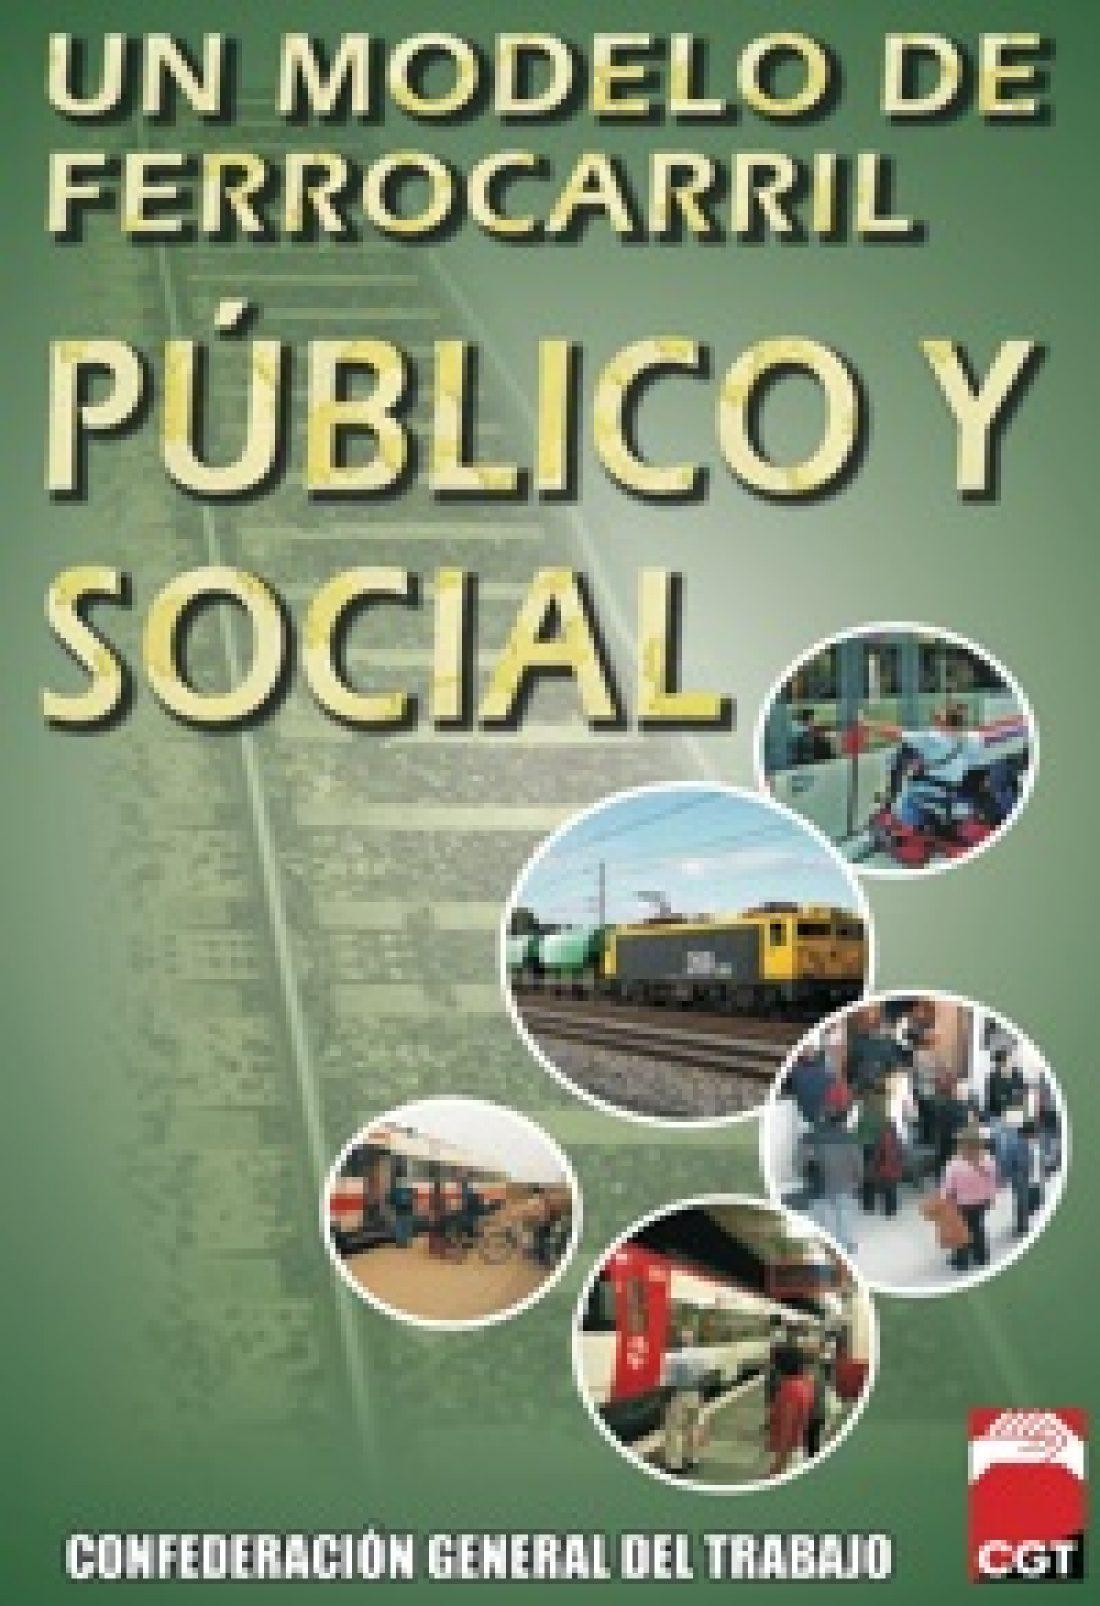 30 de noviembre: manifestación estatal en defensa del ferrocarril público